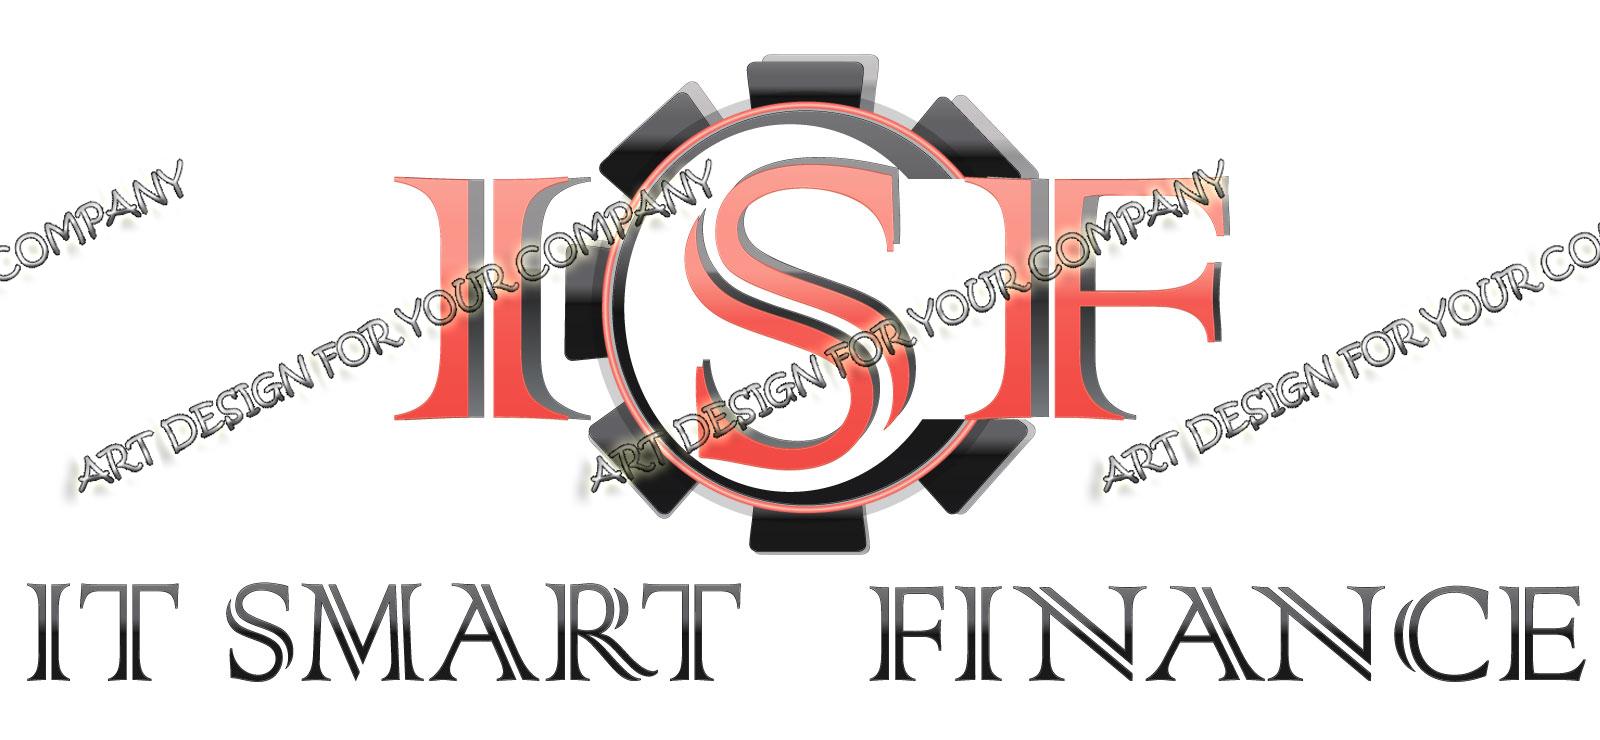 Разработка логотипа фото f_7305a2a6bed48bab.jpg